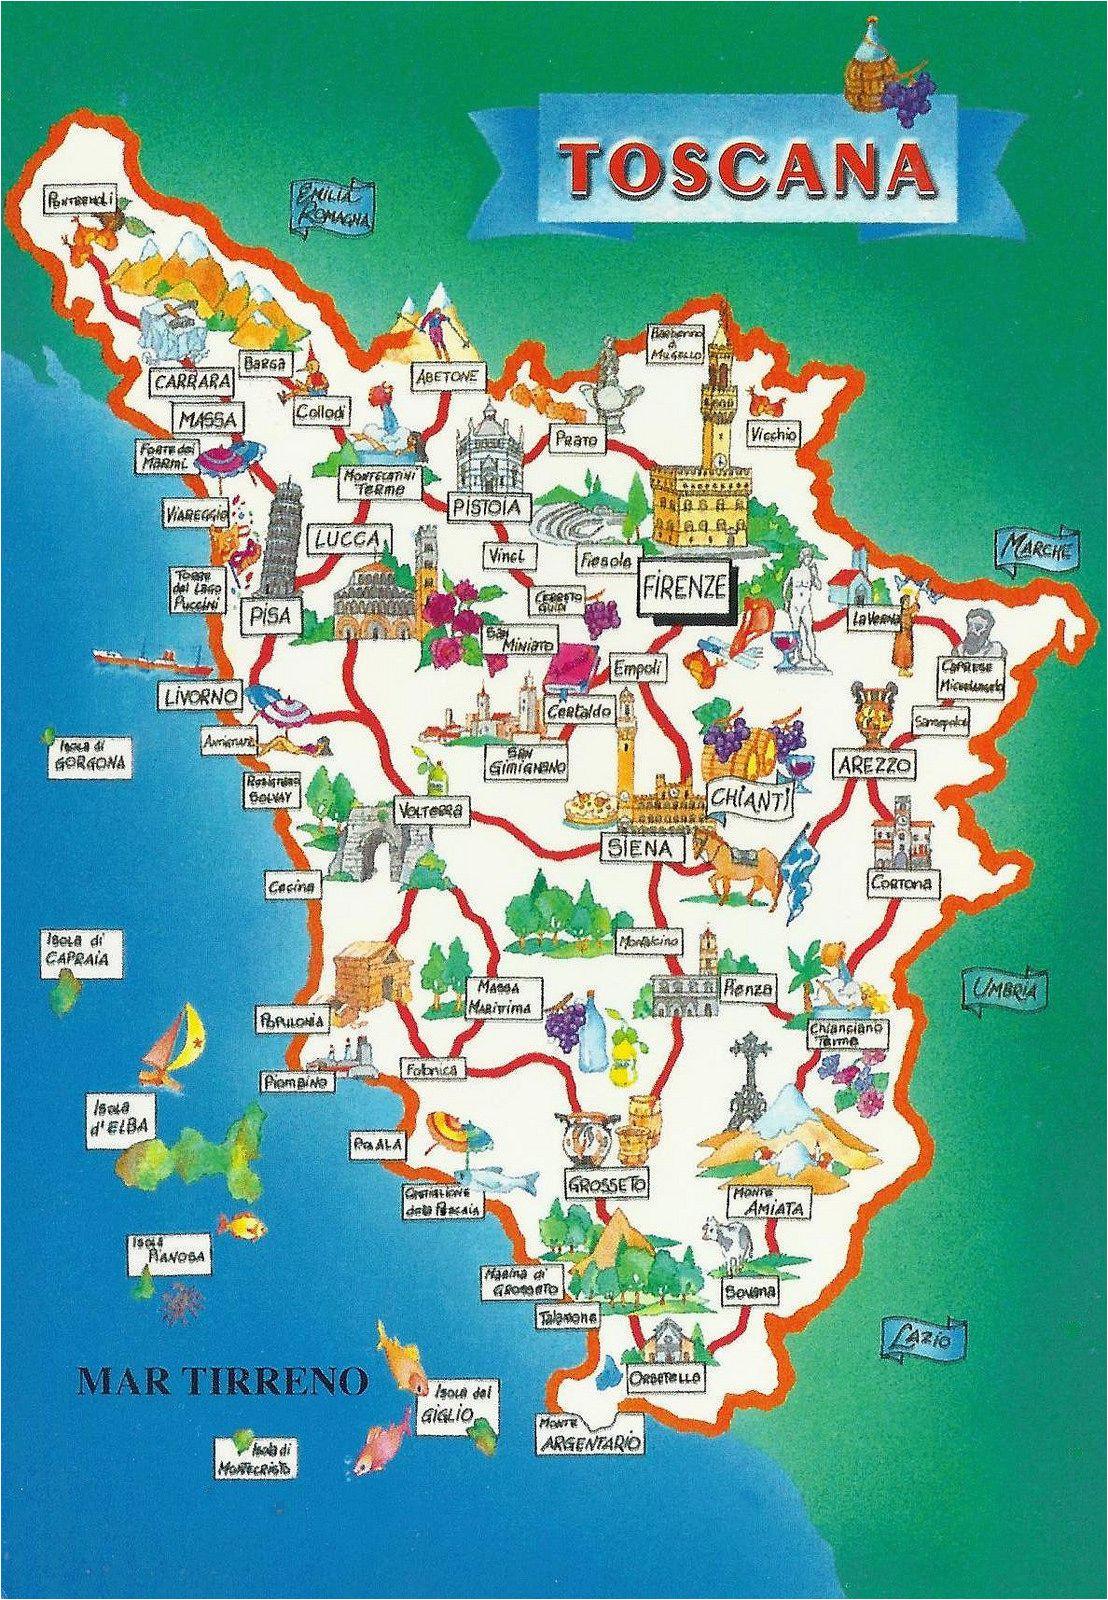 Tuscany On Italy Map toscana Map Italy Map Of Tuscany Italy Tuscany Map toscana Italy